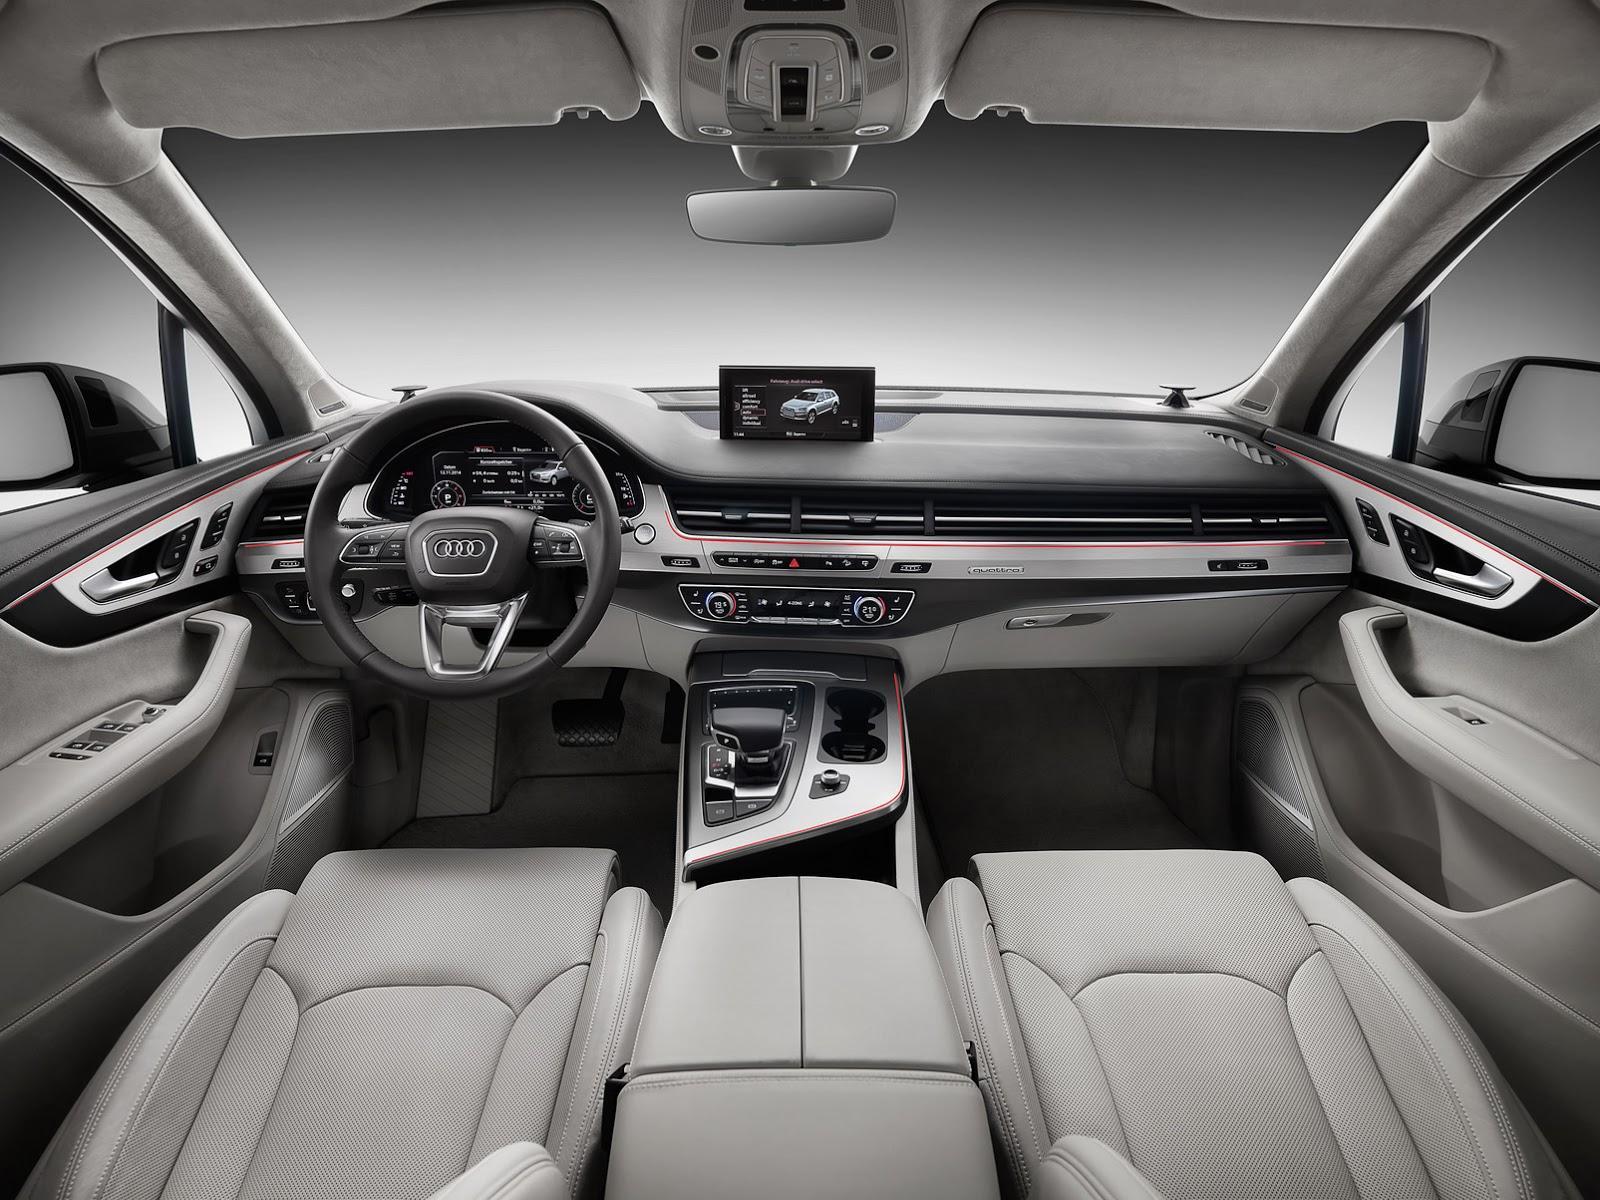 Audi Q7 Ultra 3.0 TDI Quattro: 218 CV y sólo 5,5l/100 km para el SUV alemán 1